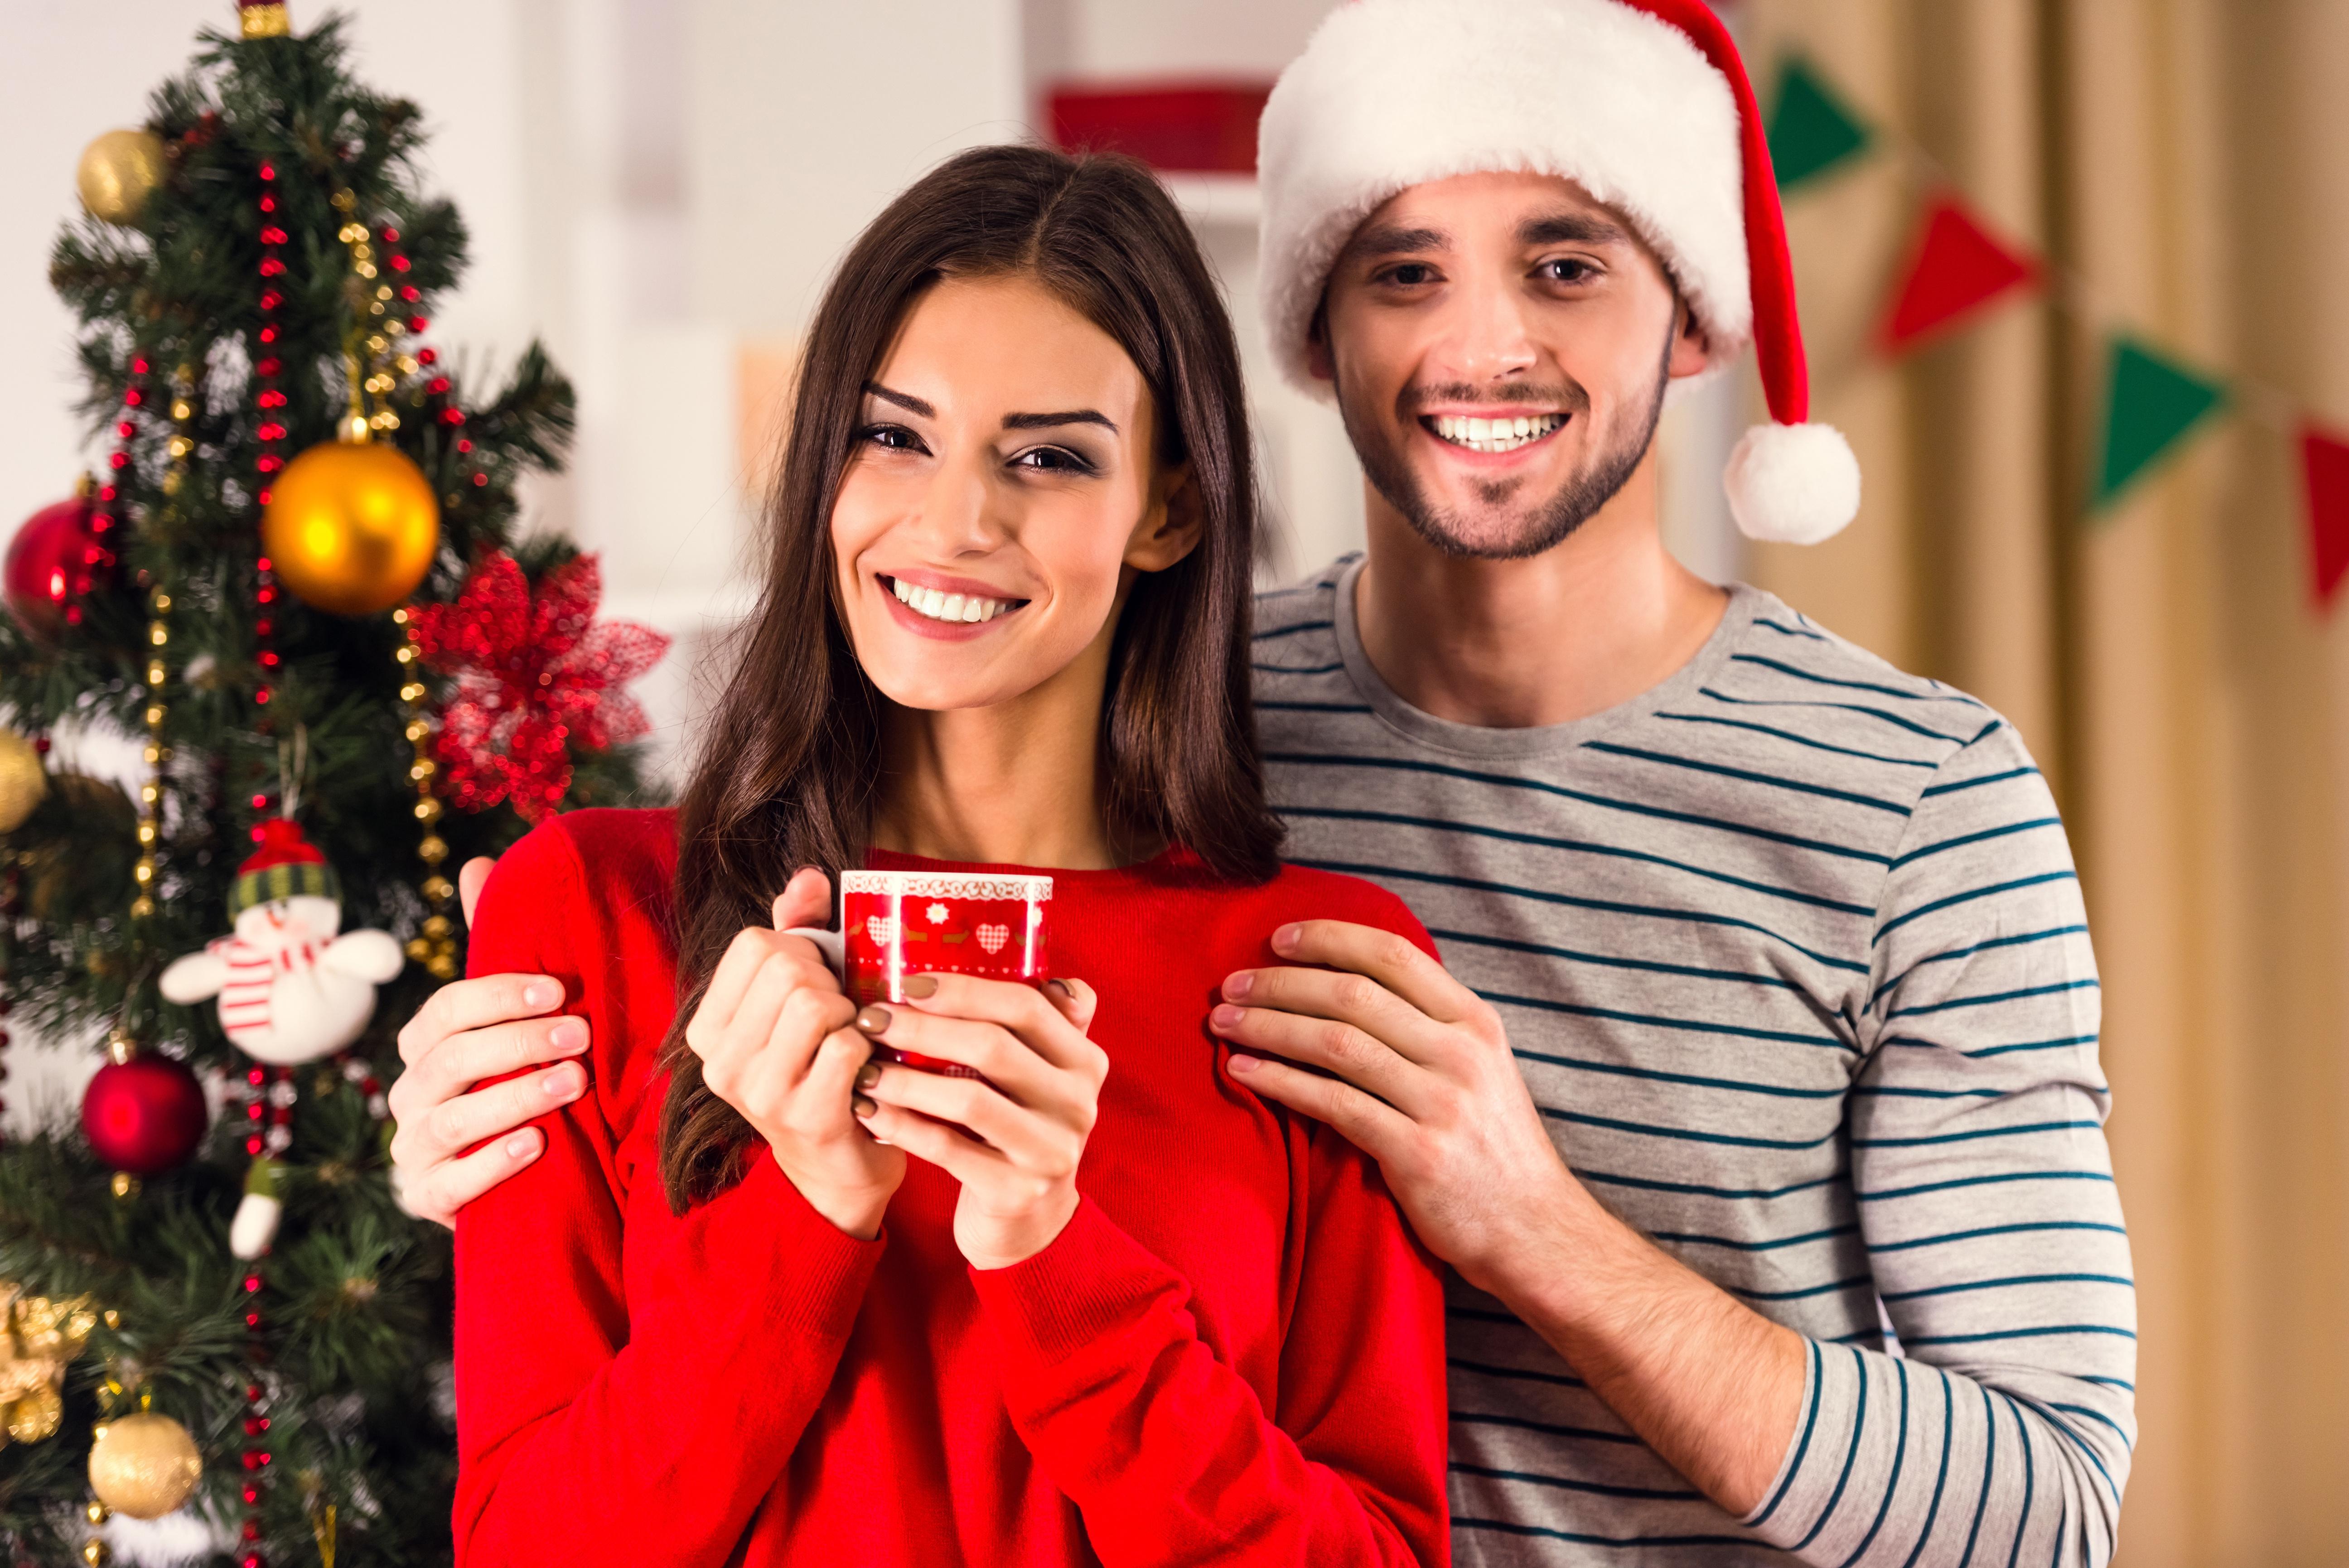 Картинки новогодние девушки с парнем